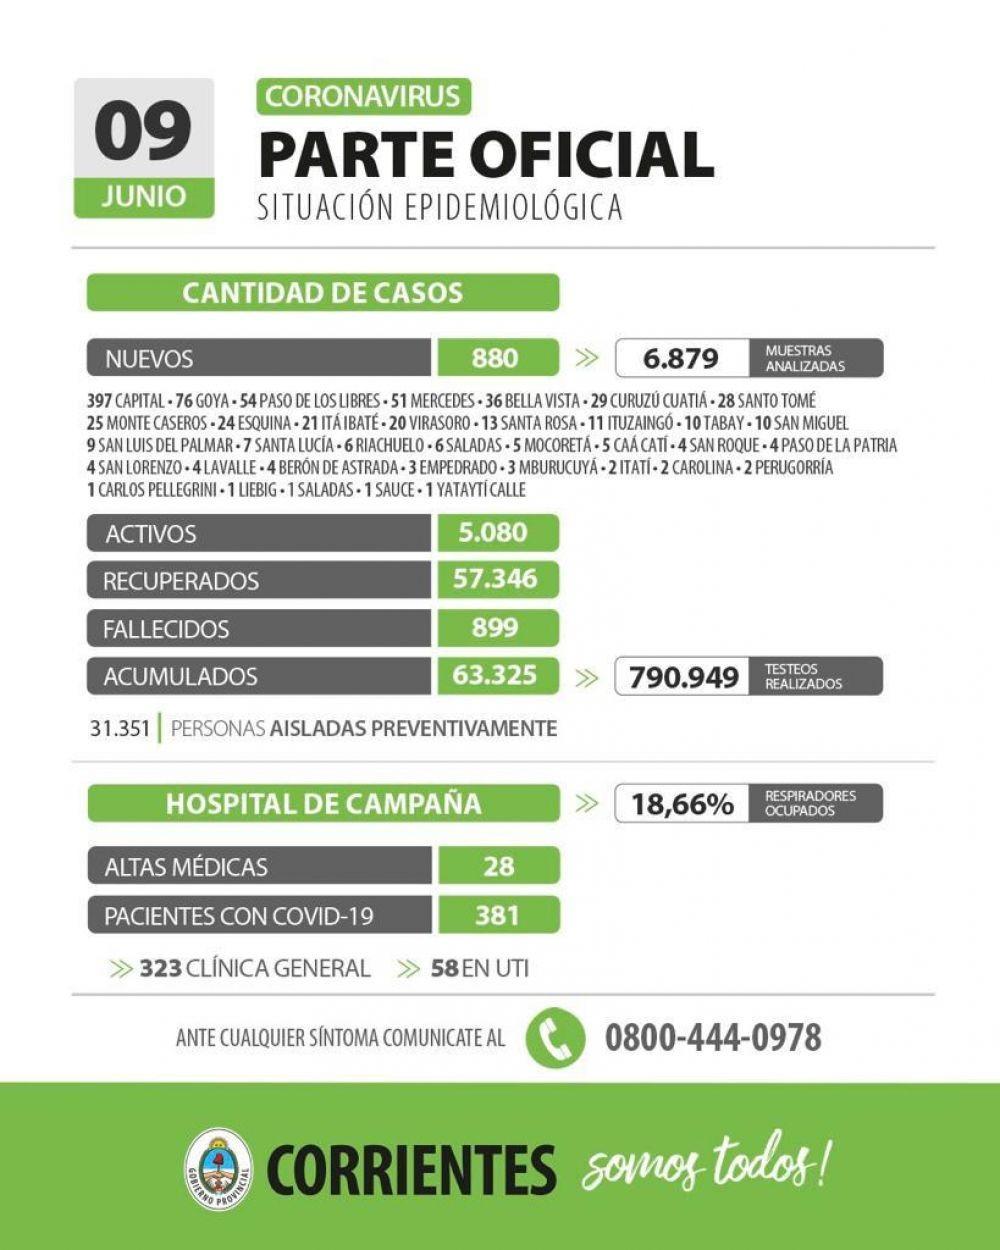 Informan de 800 nuevos casos de coronavirus en Corrientes